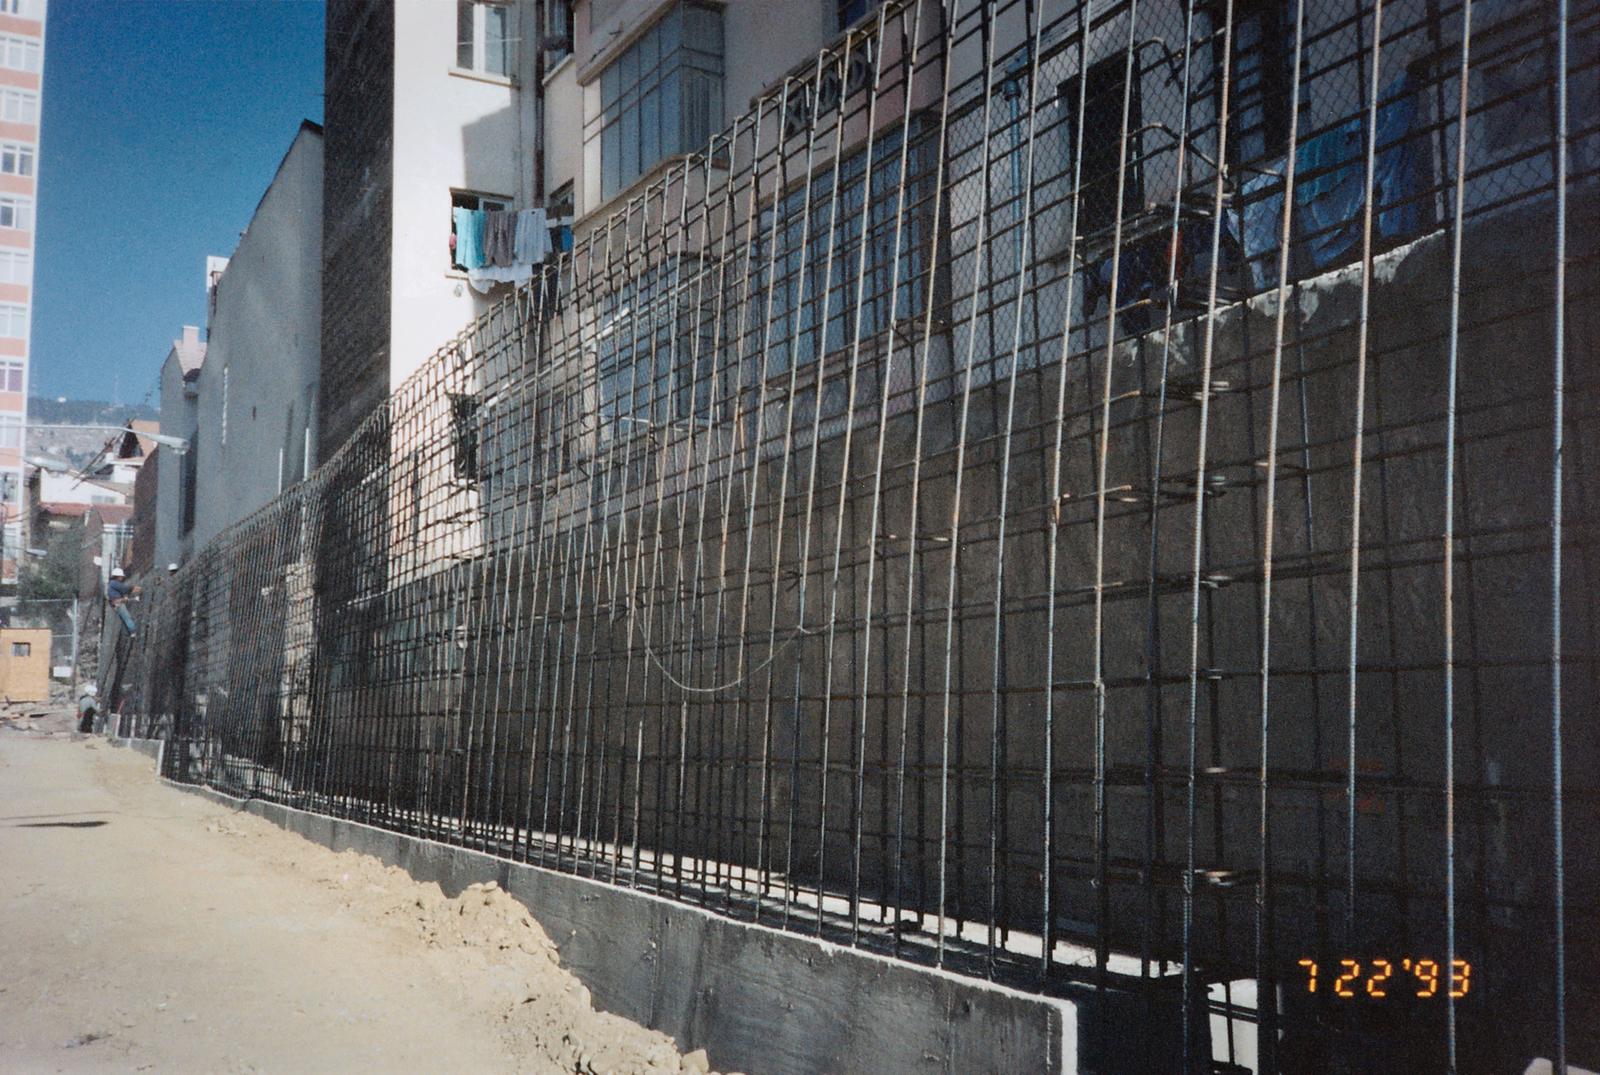 La Paz - Chancery Office Building - 1993